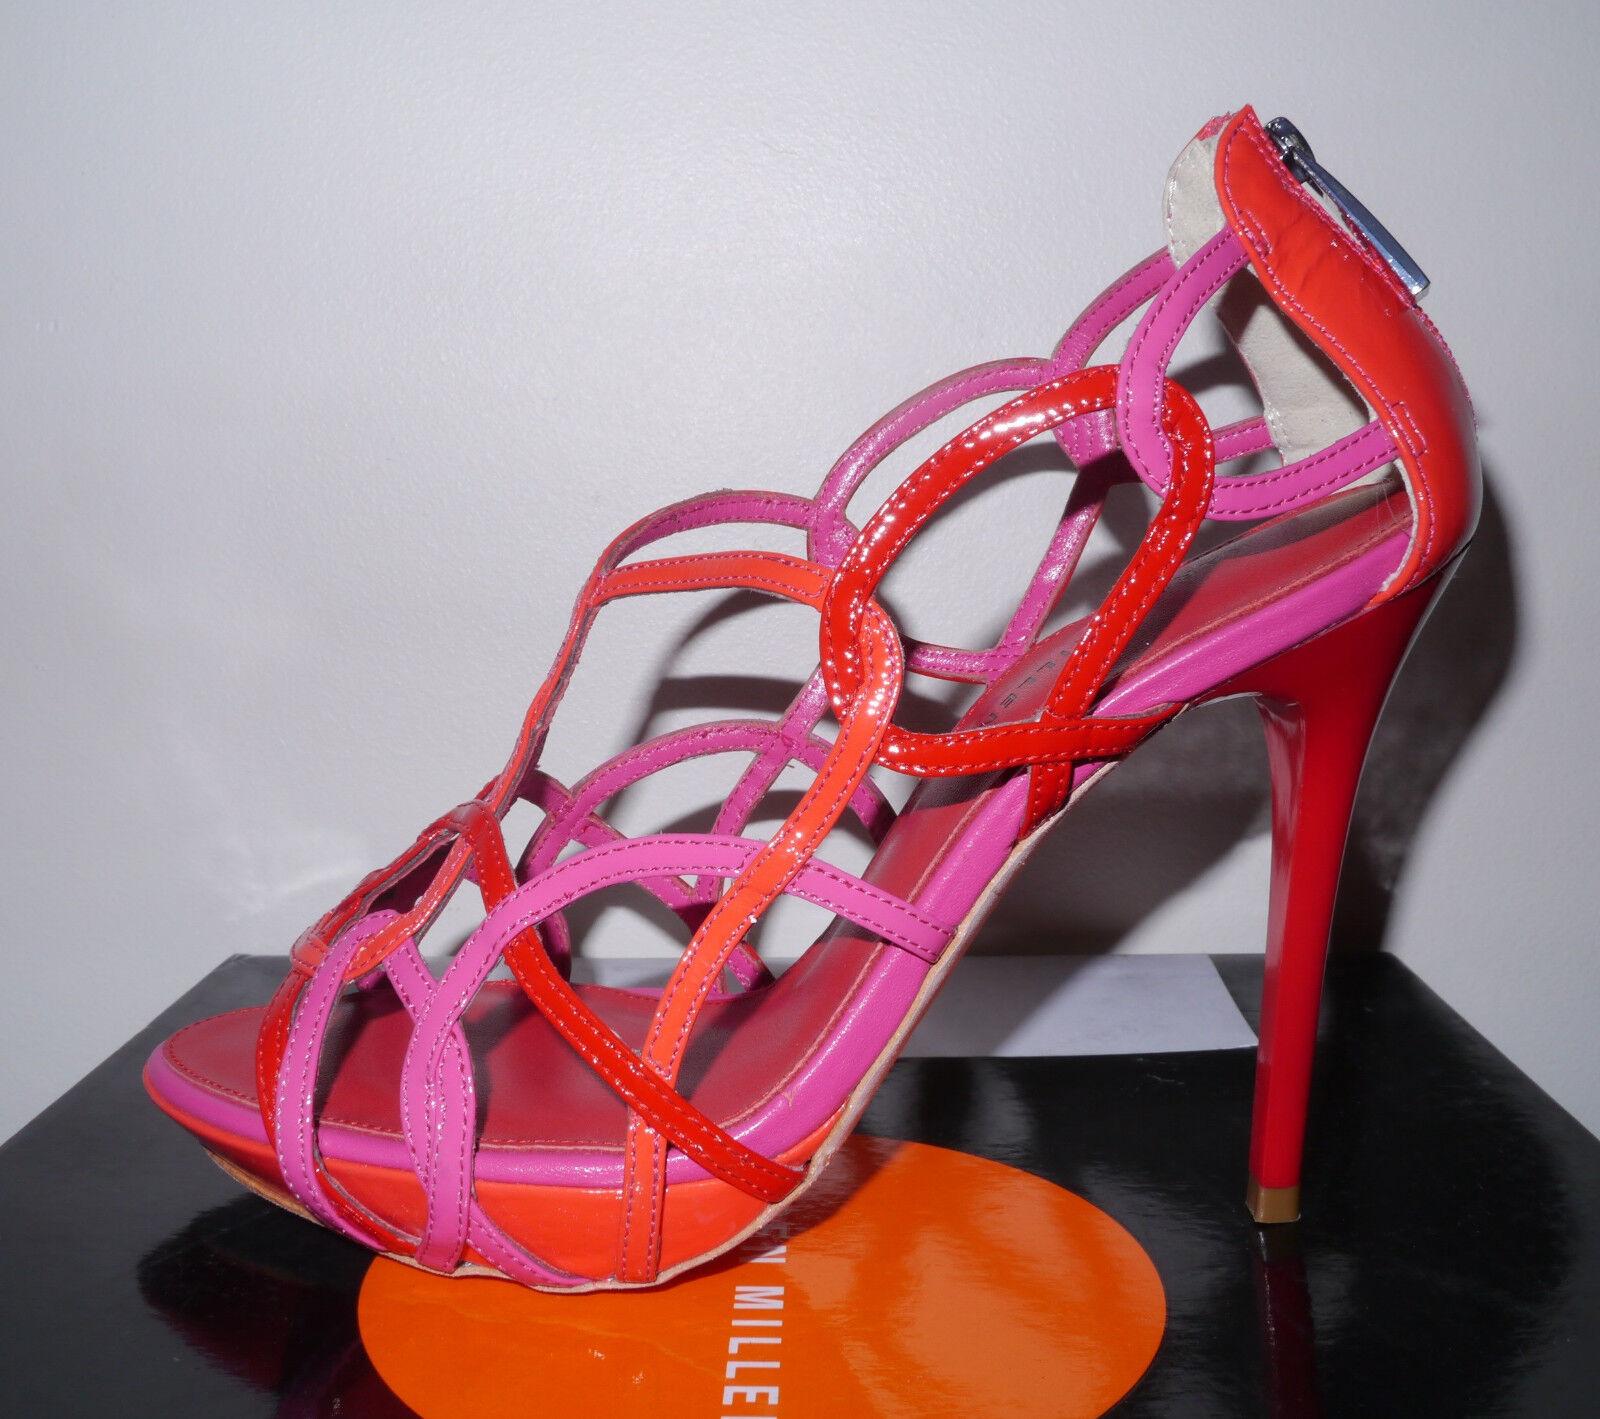 BNWB Karen Millen ROT Pink Orange Strappy Leder Platform Sandales Schuhes 38/5